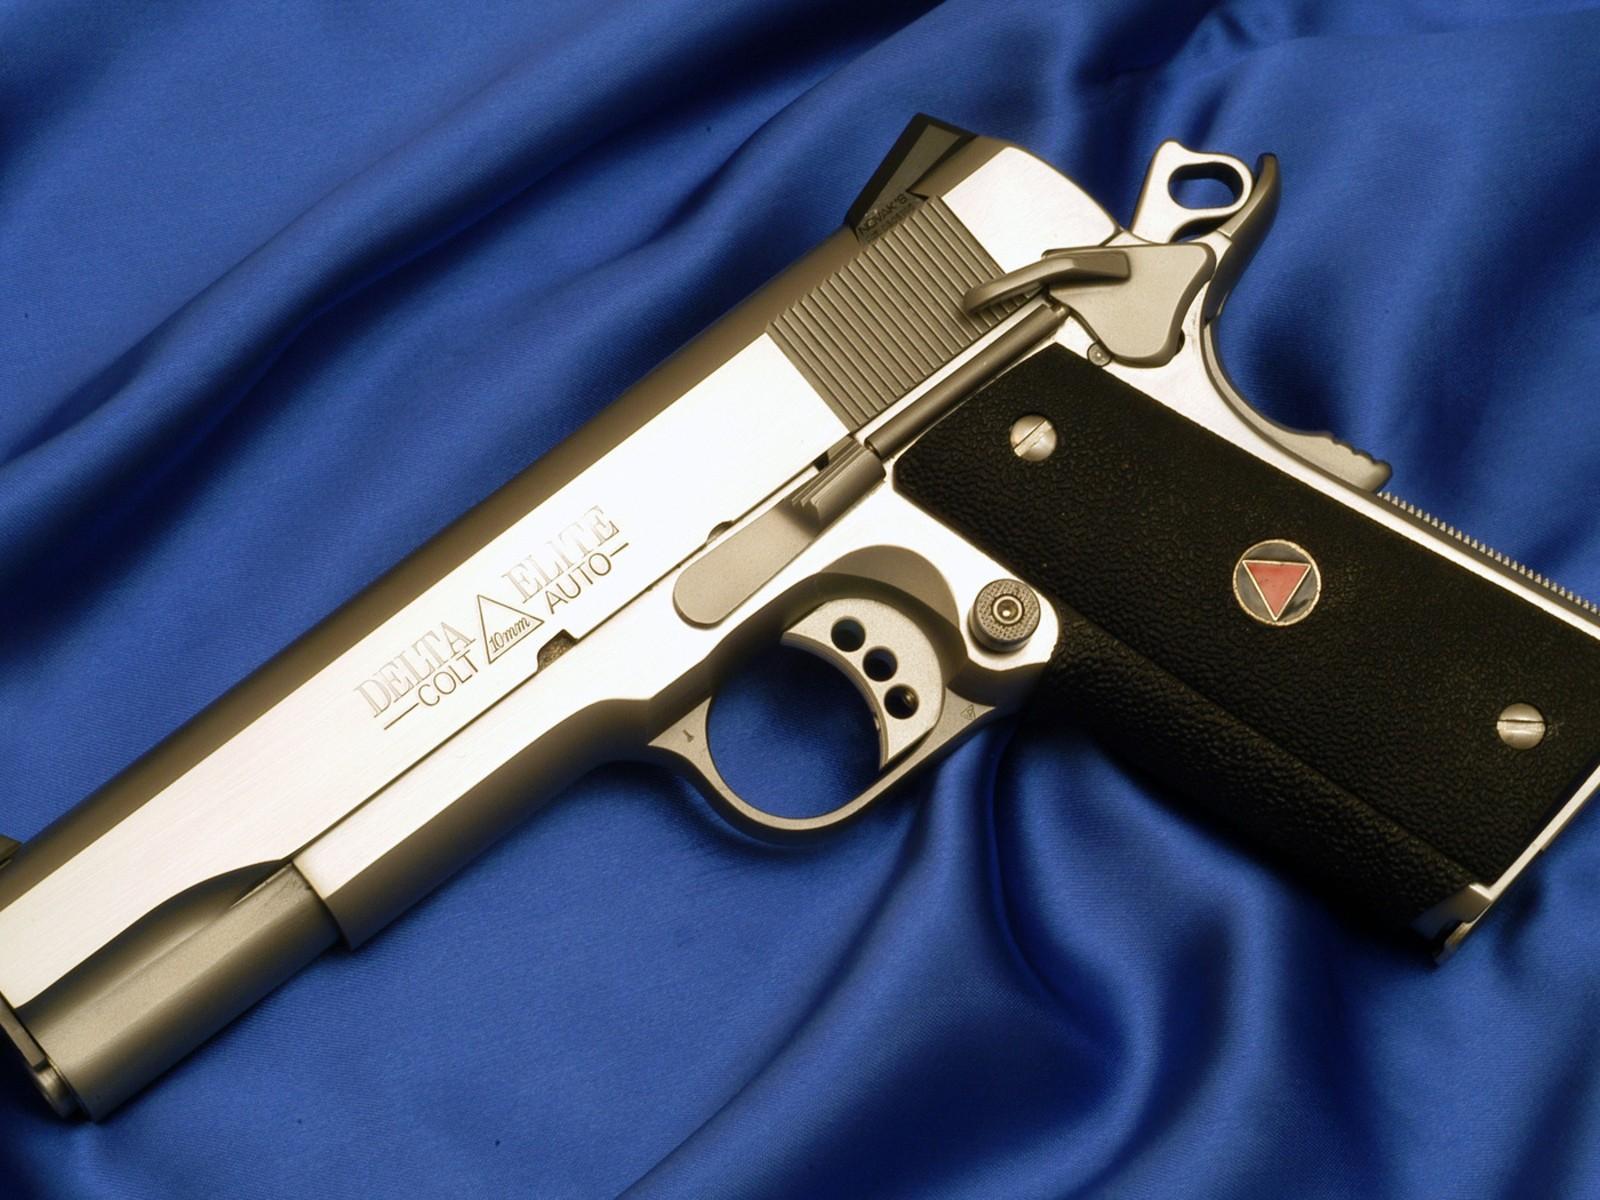 Страйкбольный пистолет: что такое, сколько стоит, модели